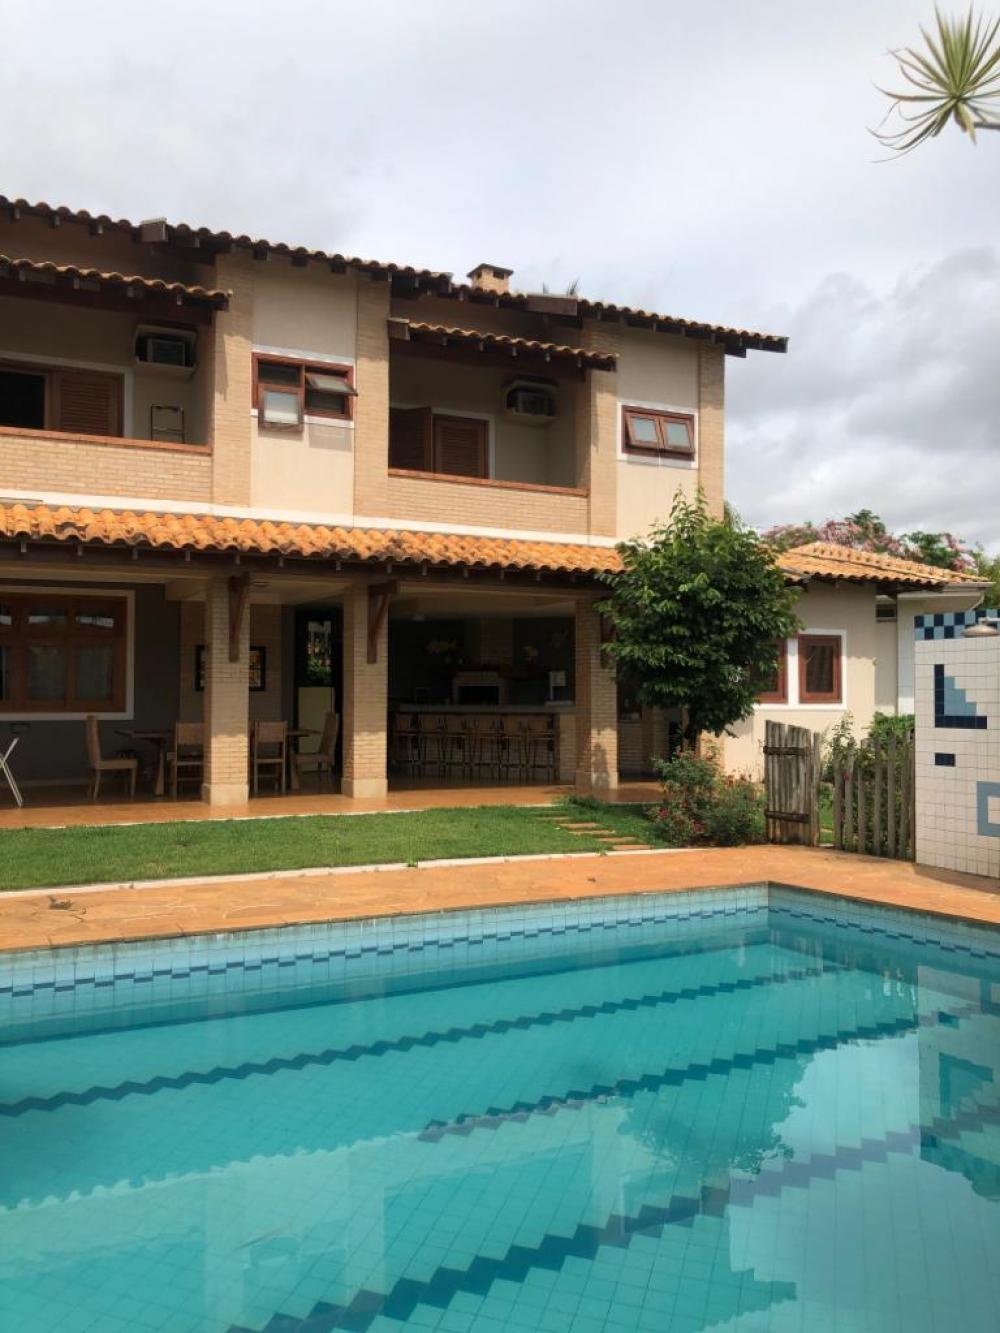 Comprar Casa / Condomínio em São José do Rio Preto R$ 2.000.000,00 - Foto 22